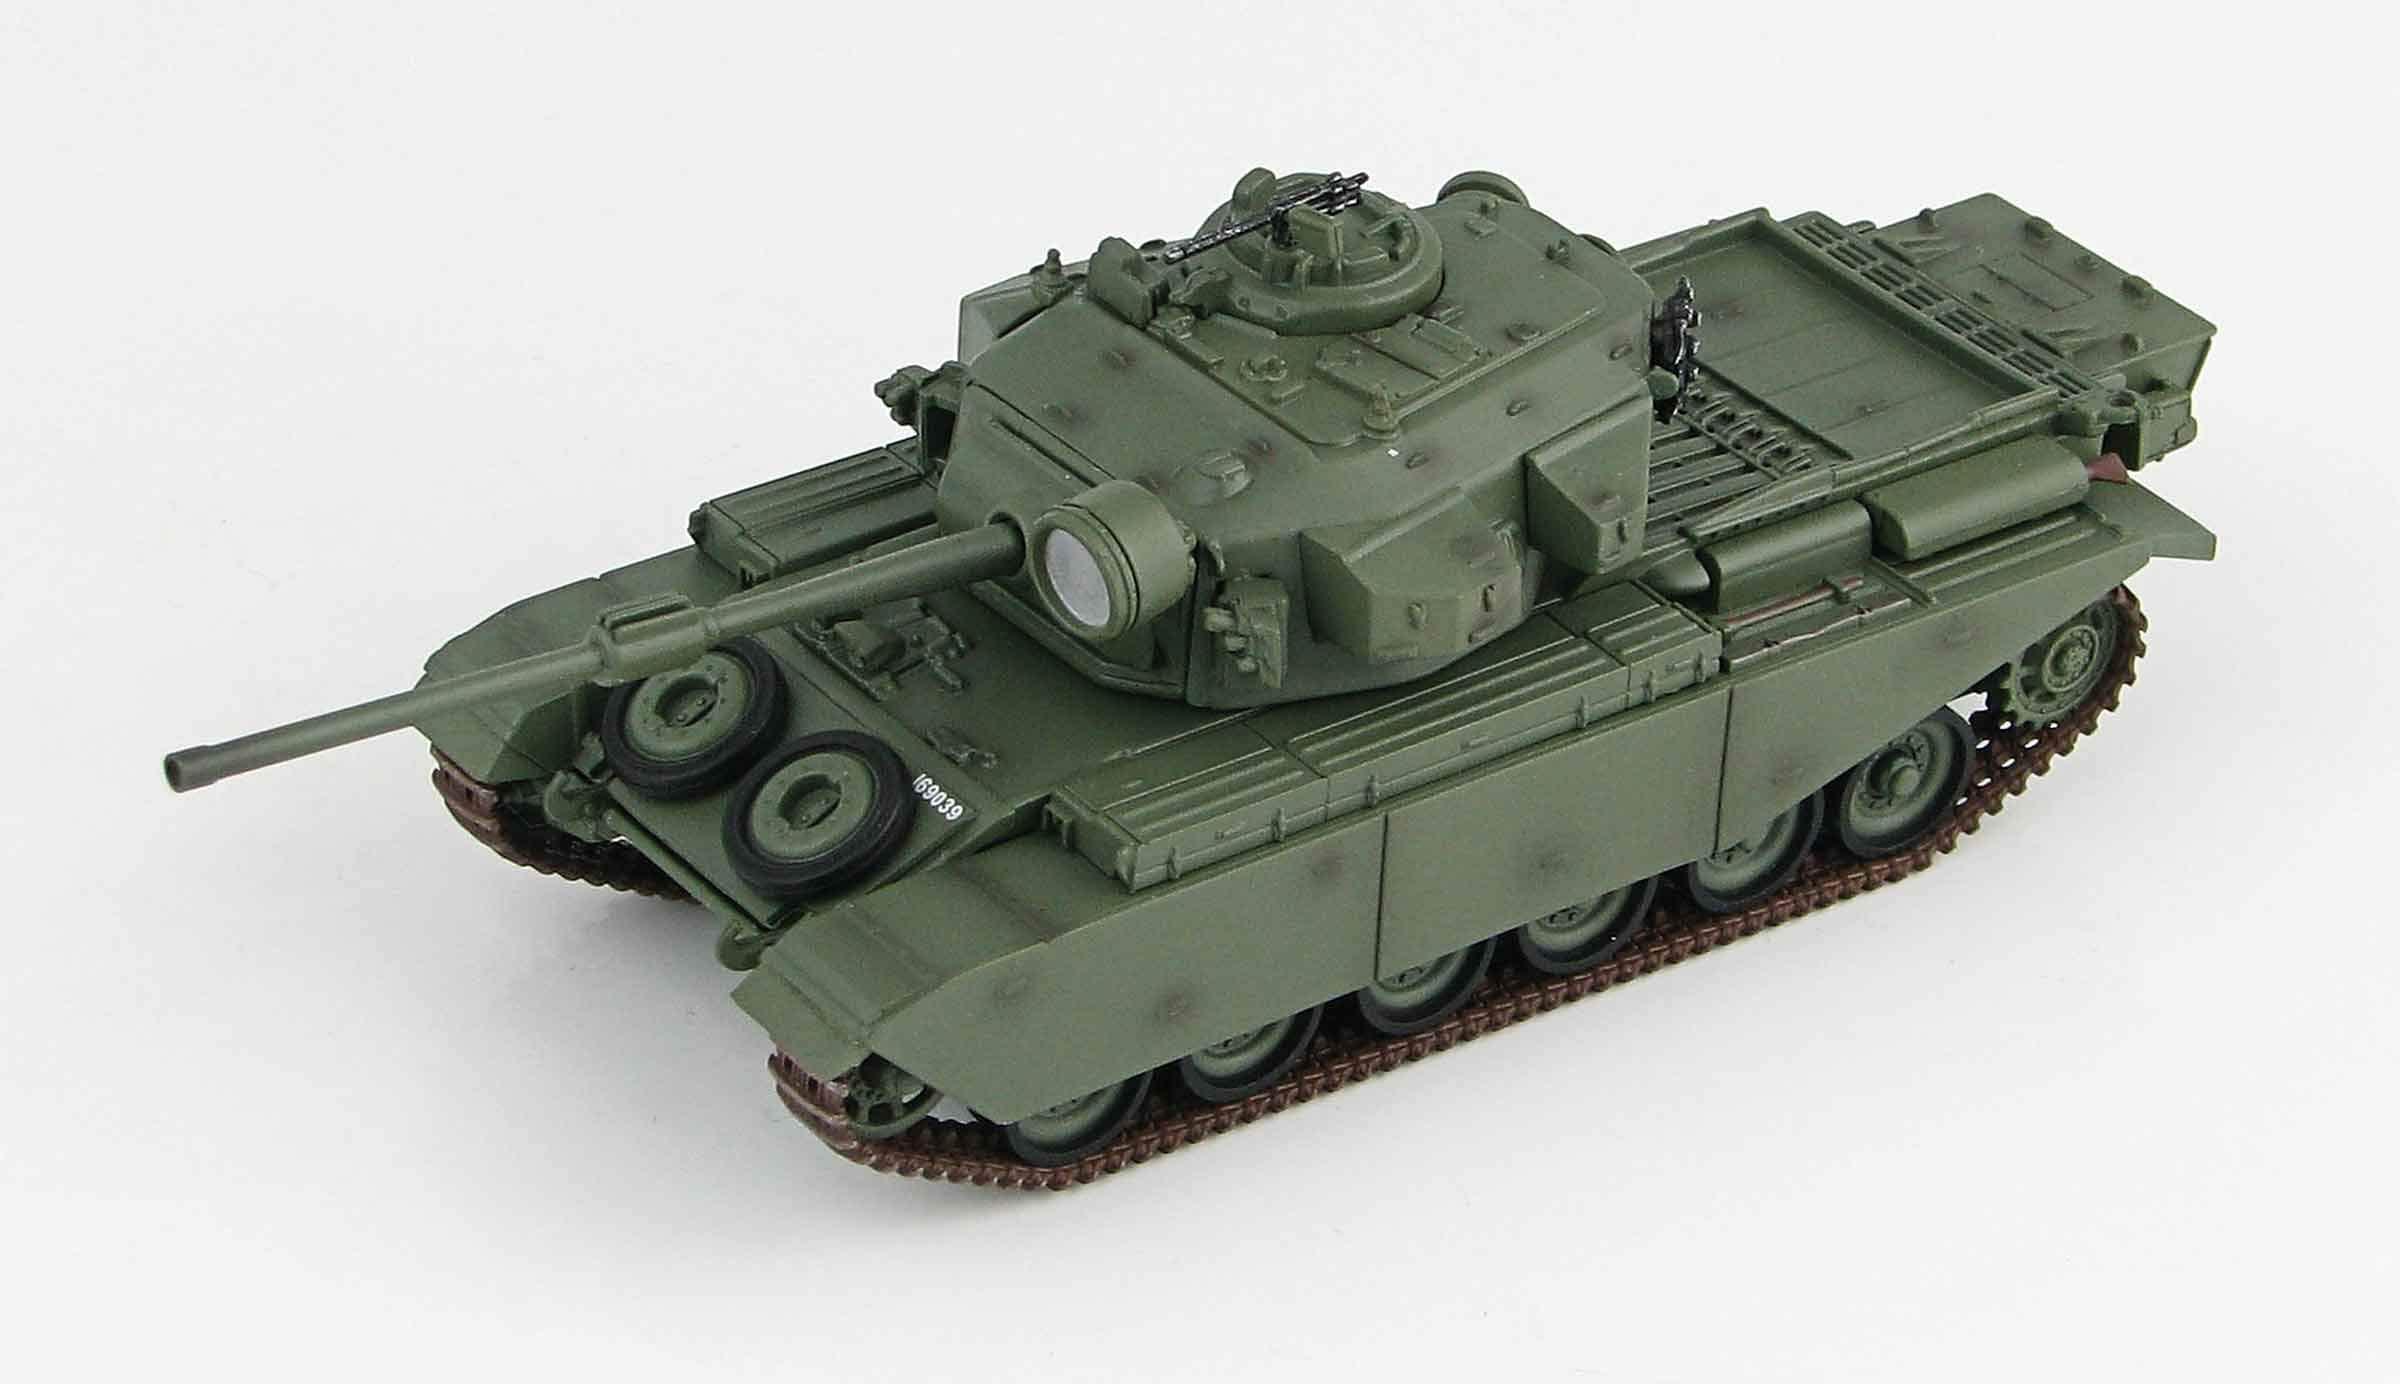 Hobby Master 3513 Australian Centurion Mk.5/1 1 Vietnam 1971 1/72 Scale Model